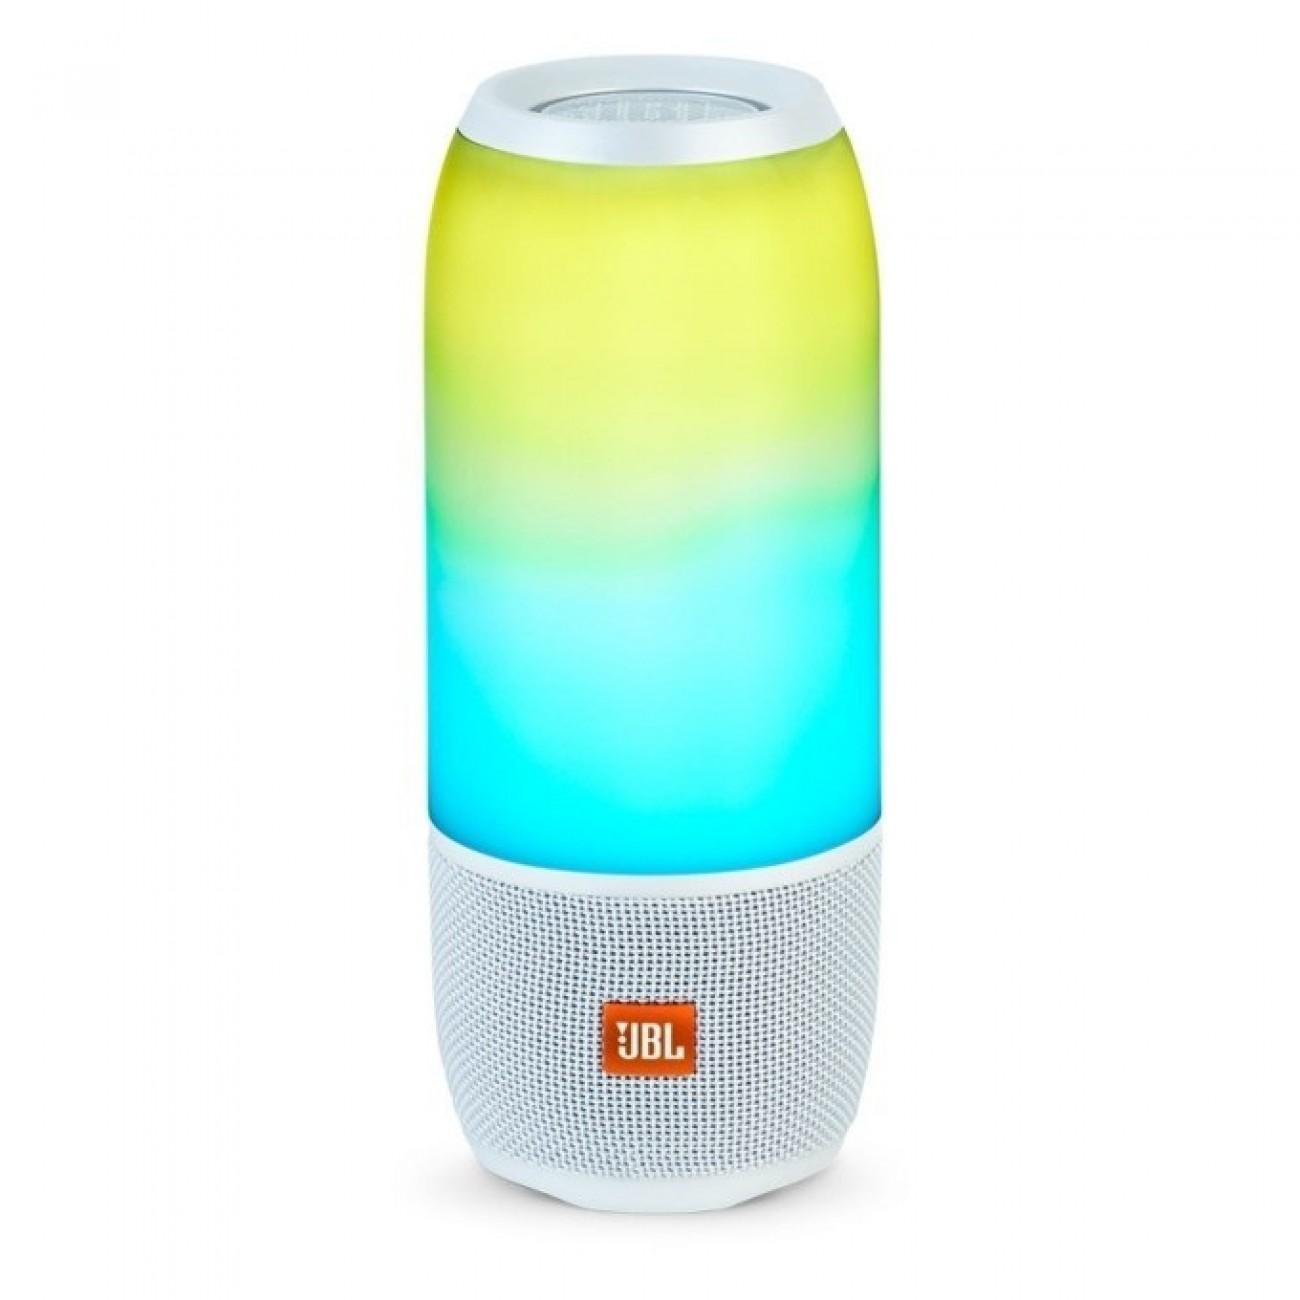 Тонколона JBL Pulse 3, безжична, 2.0, RMS(10W + 10W), Bluetooth, 6000mAh, светеща, бяла в Колони -  | Alleop